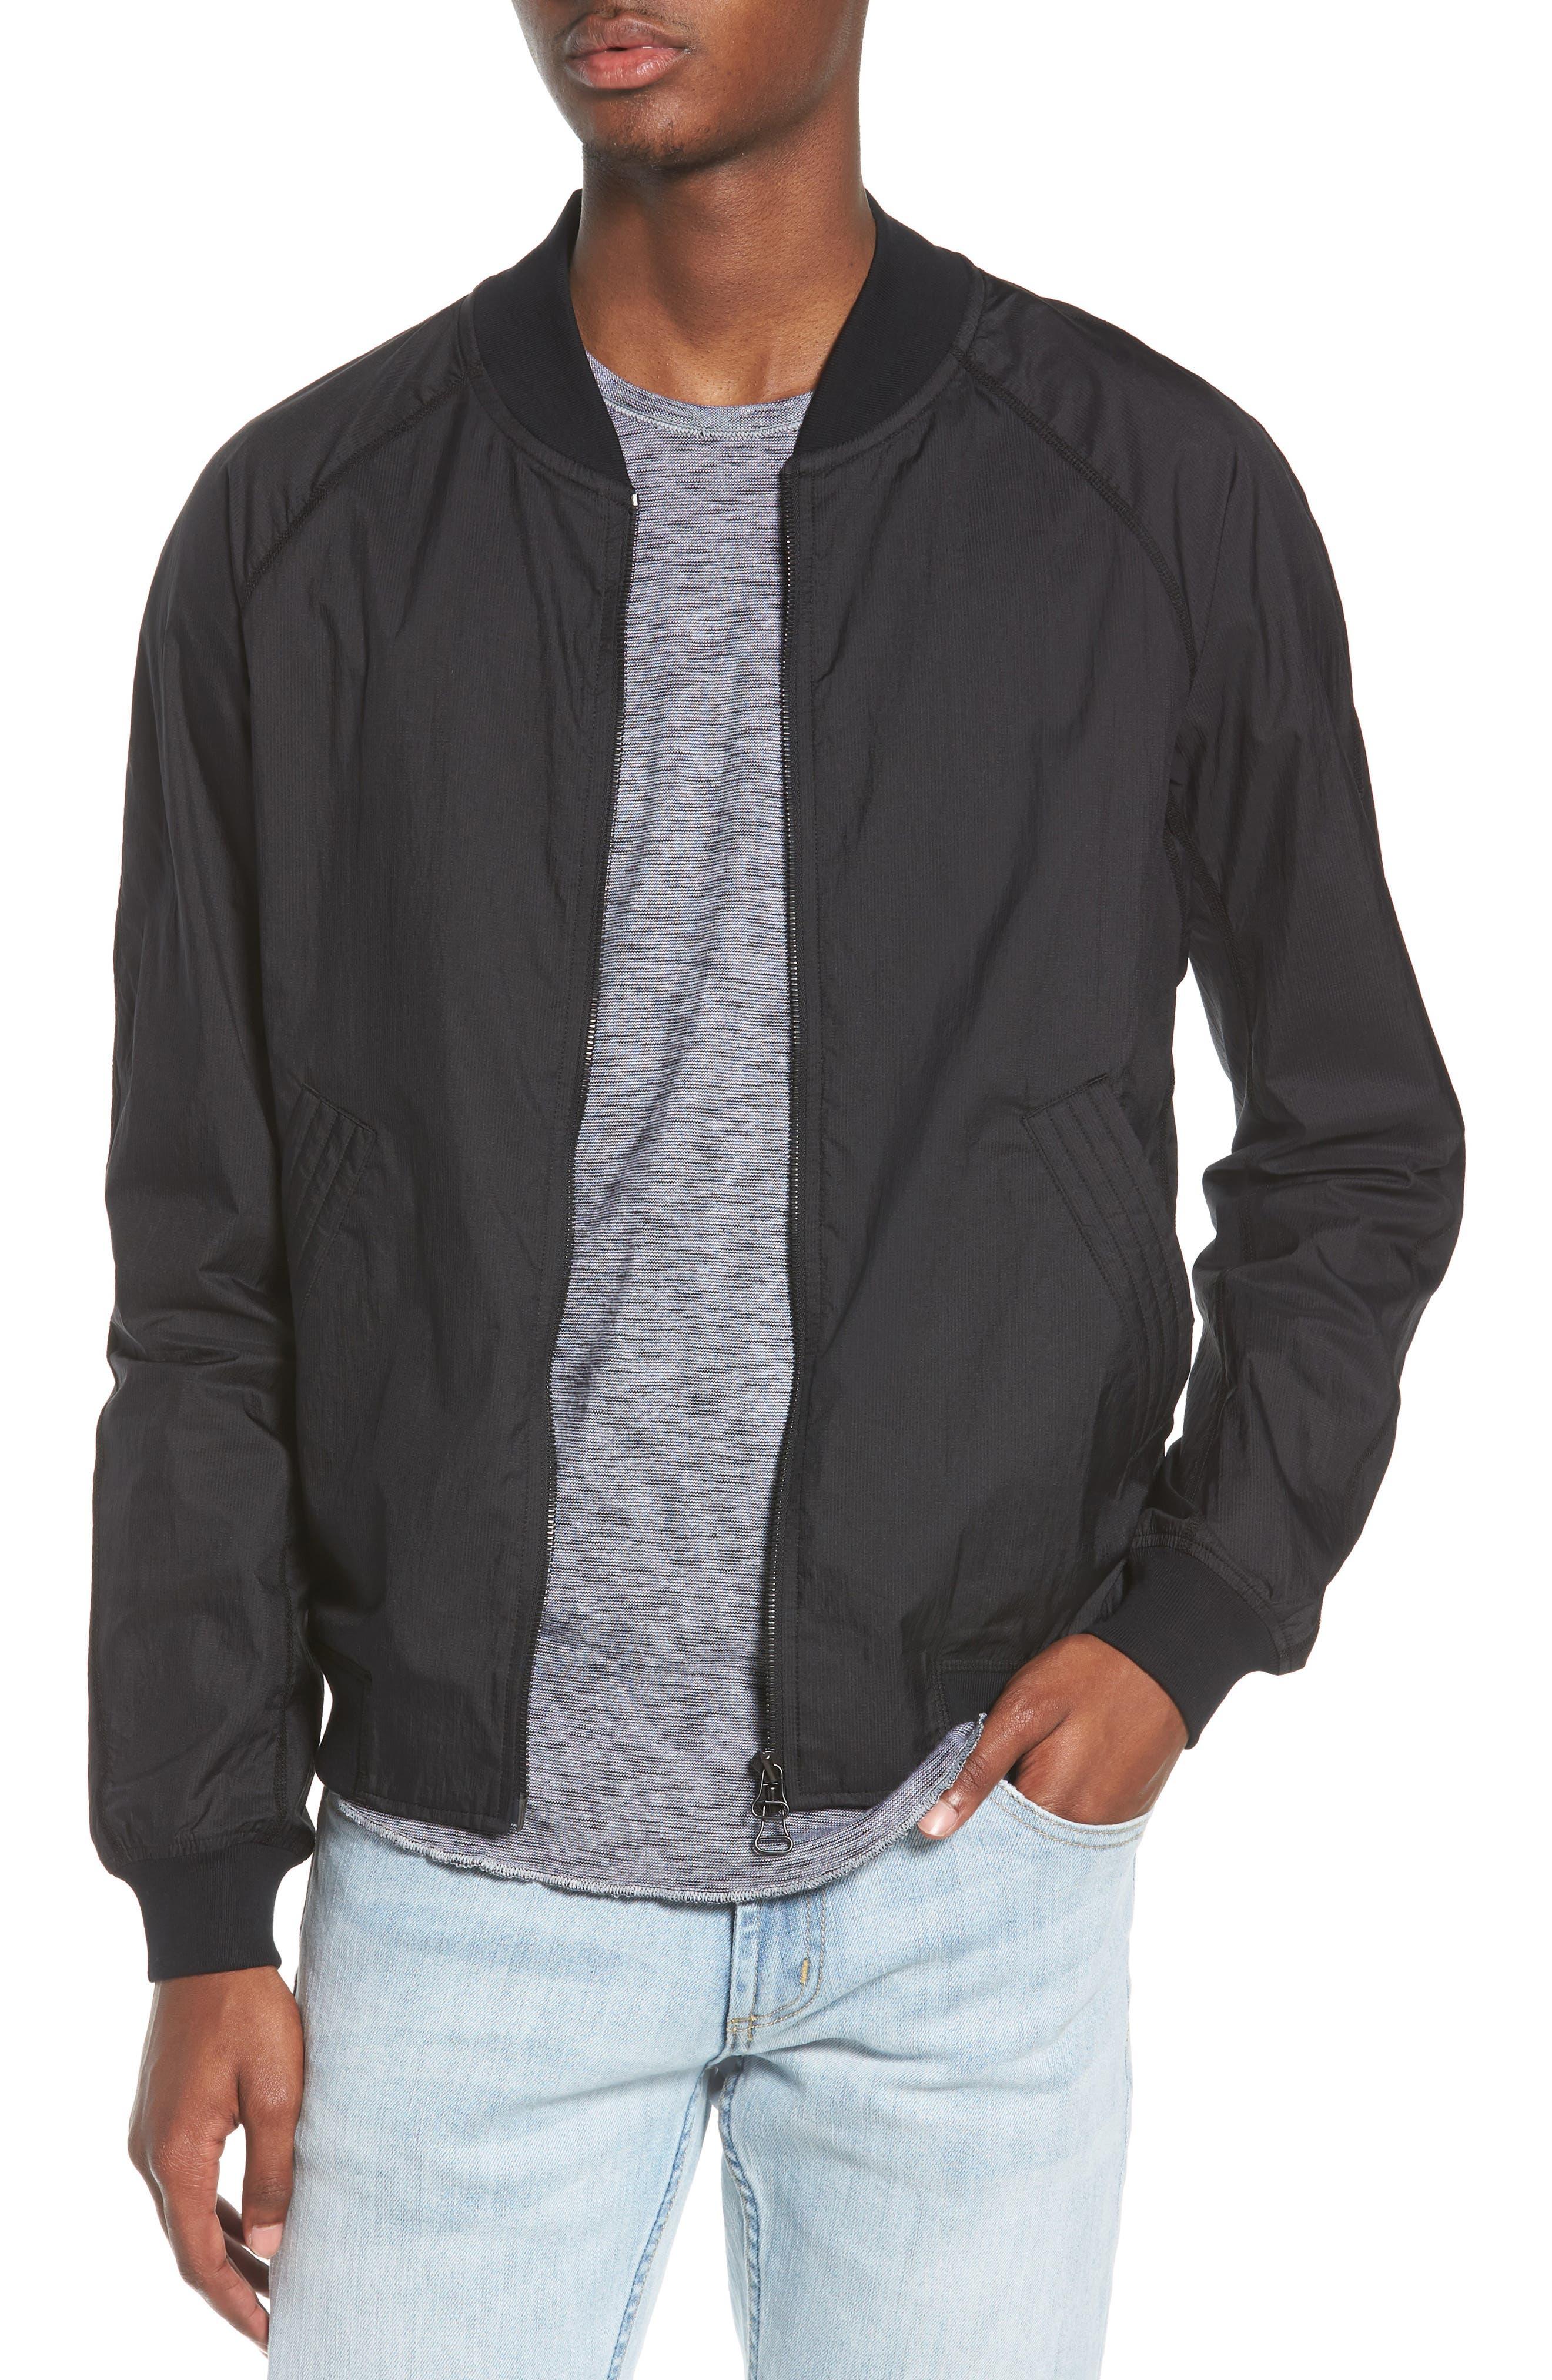 Souvenir Jacket,                             Main thumbnail 1, color,                             001